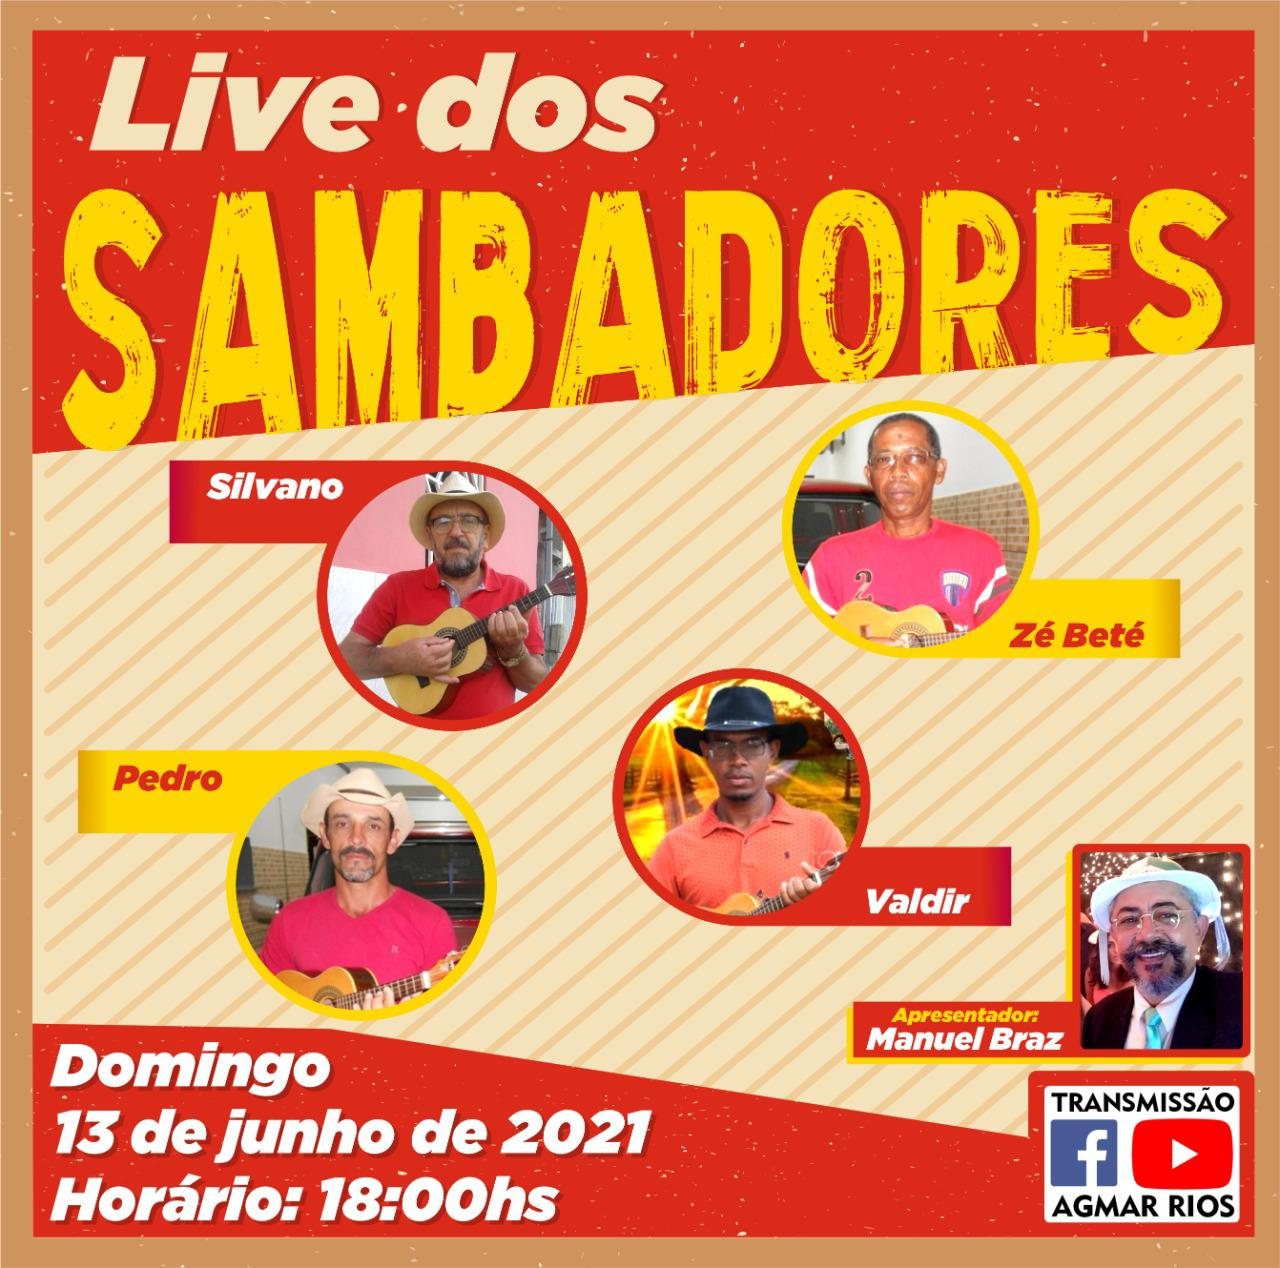 Santo Antônio de Mairi foi comemorado com Live Show de Sambadores